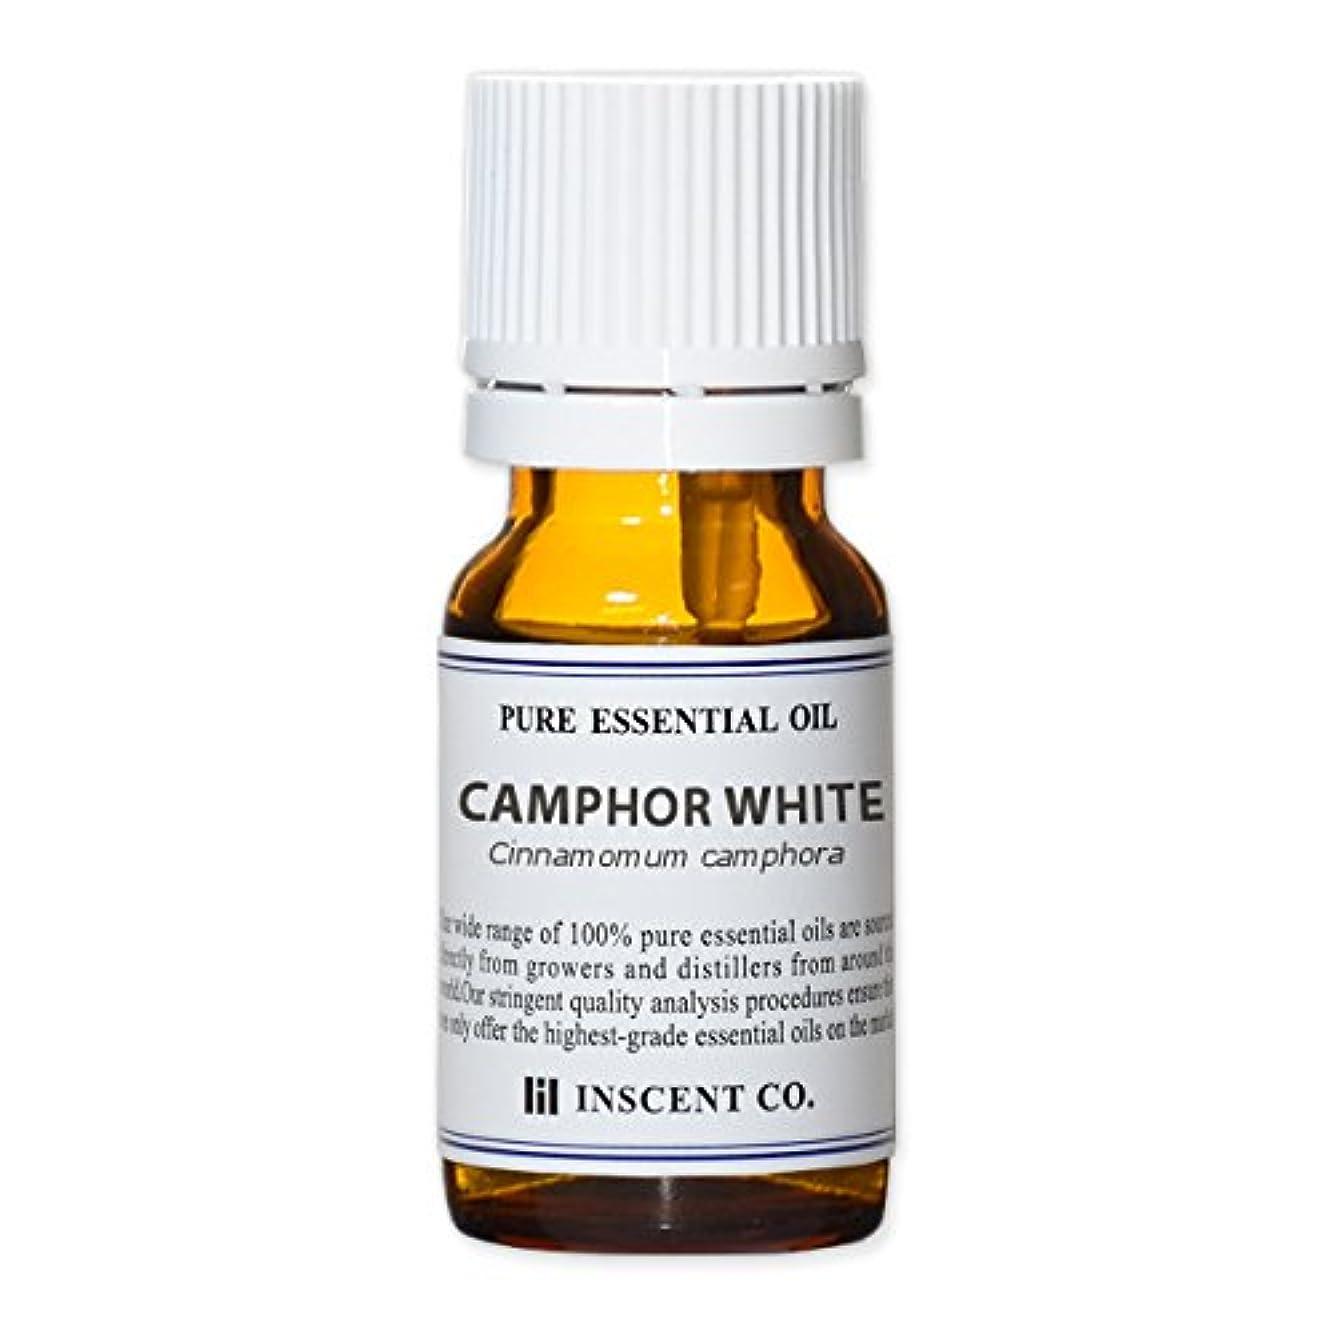 ブラシマイク可動式カンファー (ホワイト) 10ml インセント アロマオイル AEAJ 表示基準適合認定精油